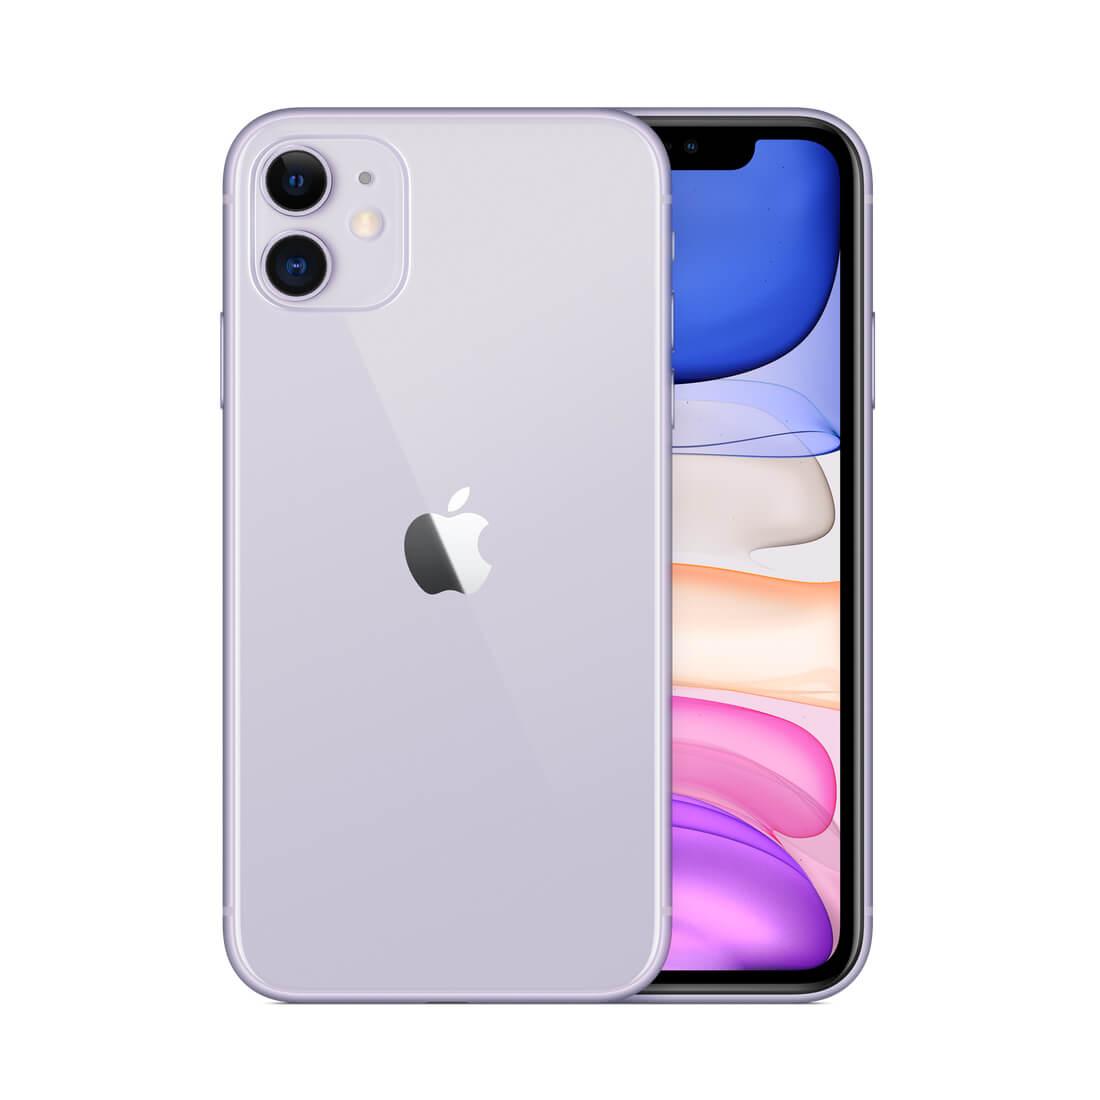 Apple iPhone 11 64Gb Purple Single Sim With FaceTime